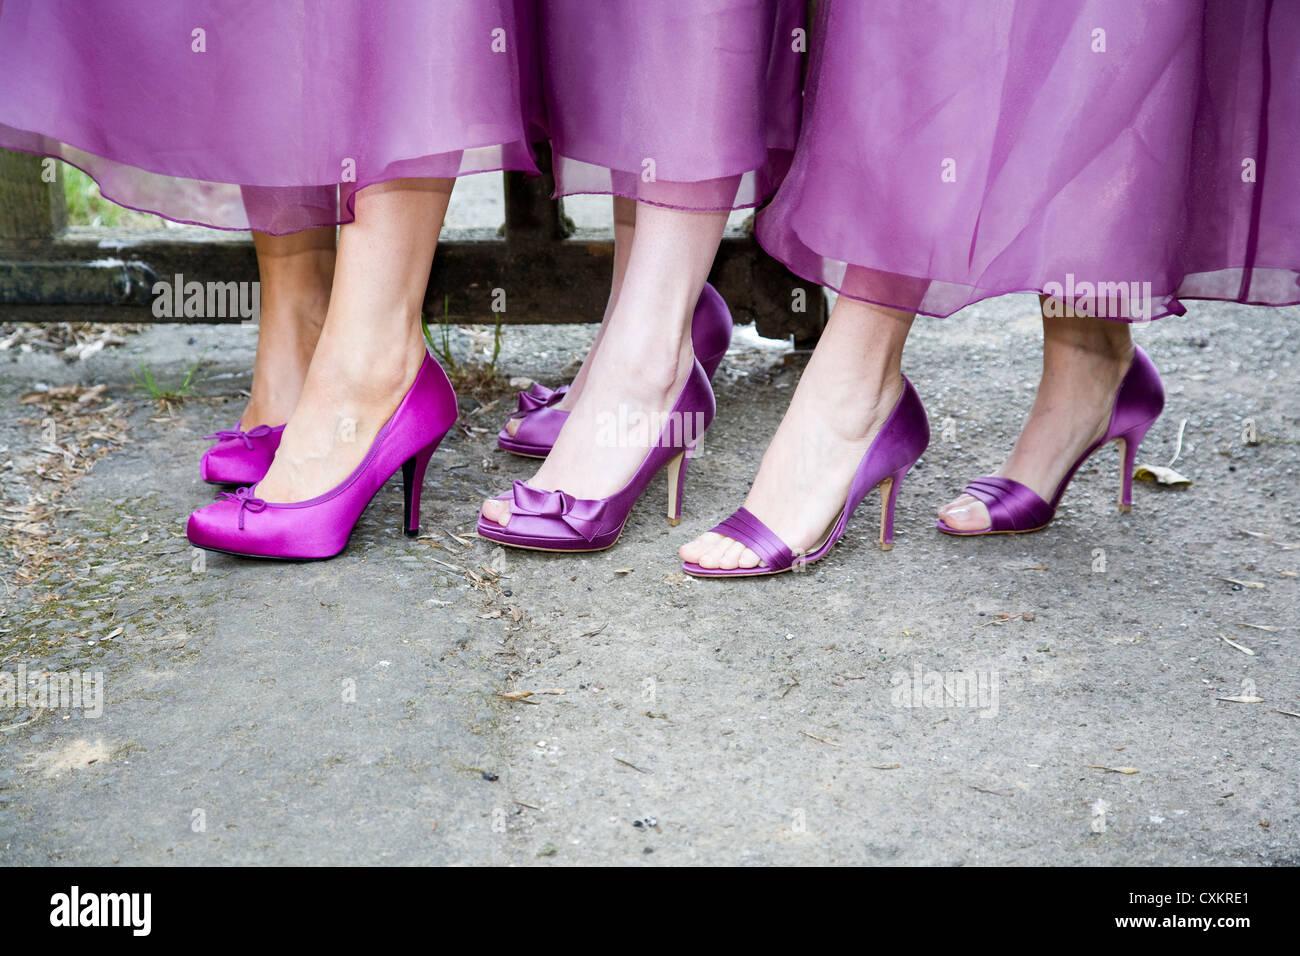 Füße und Knöchel mit lila hochhackige Schuhe zeigen Säume der Kleider Brautjungfer. Stockbild